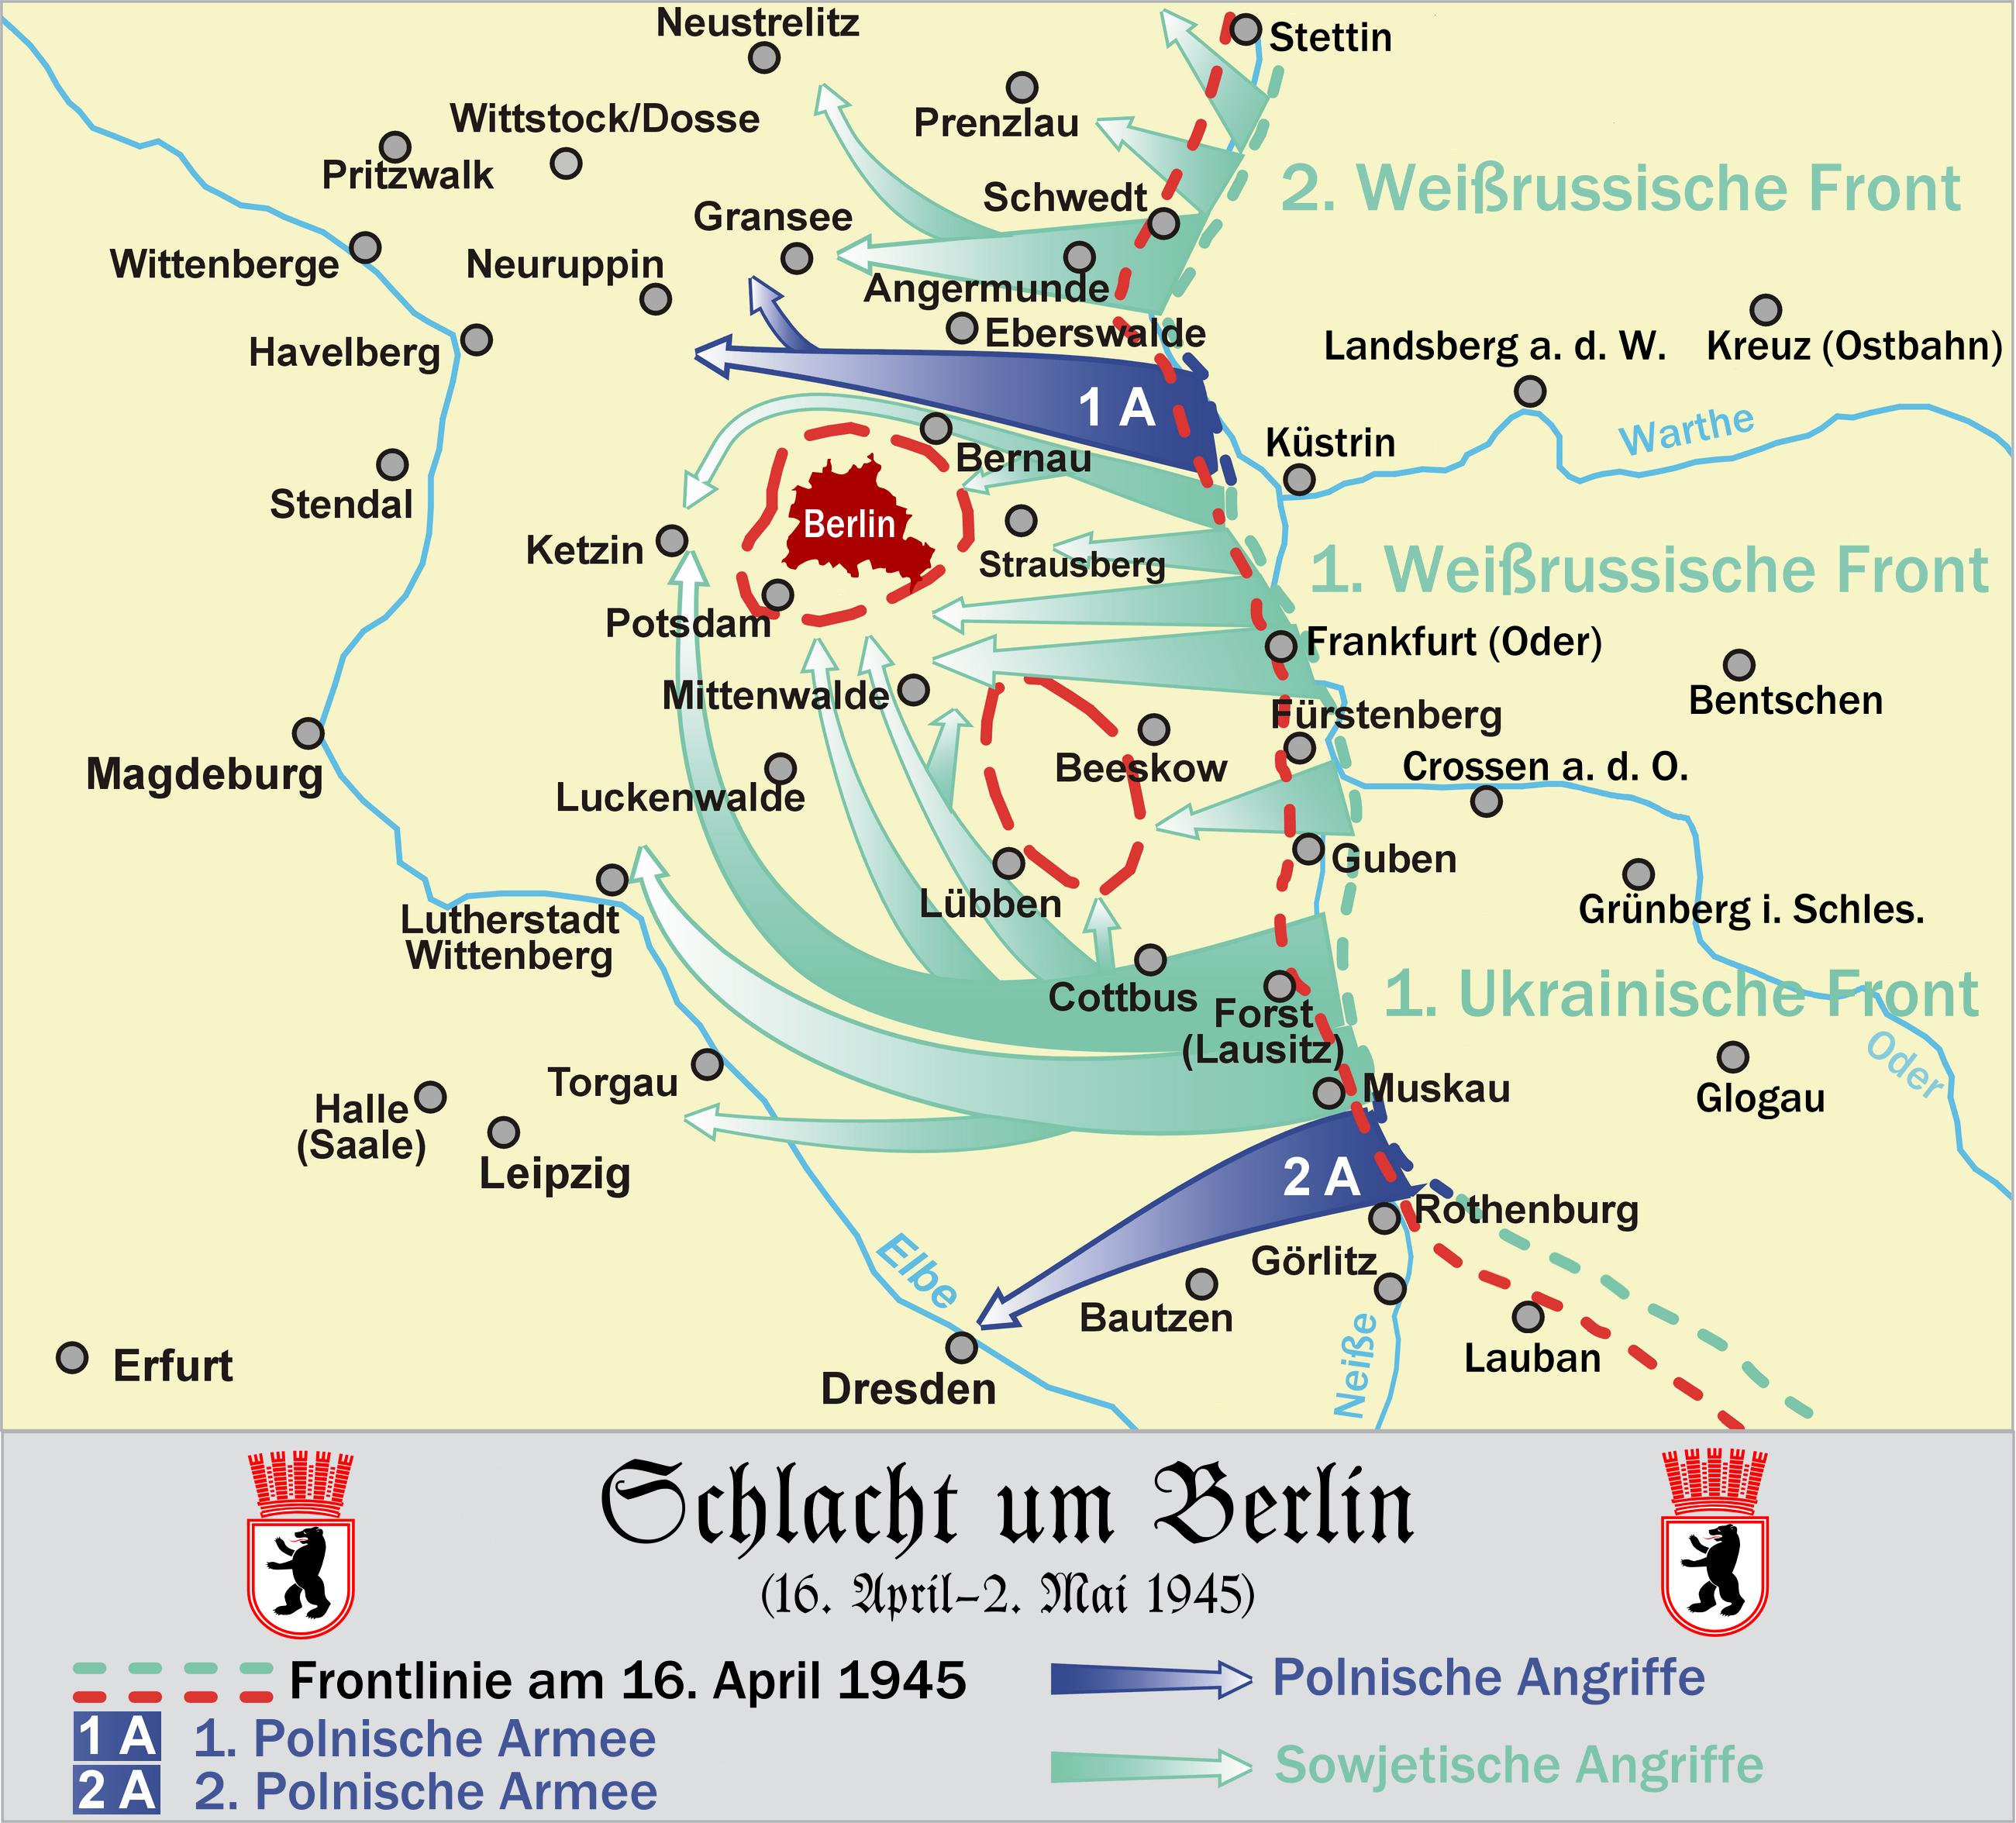 schlacht um berlin karte File:Schlacht um Berlin.png   Wikimedia Commons schlacht um berlin karte